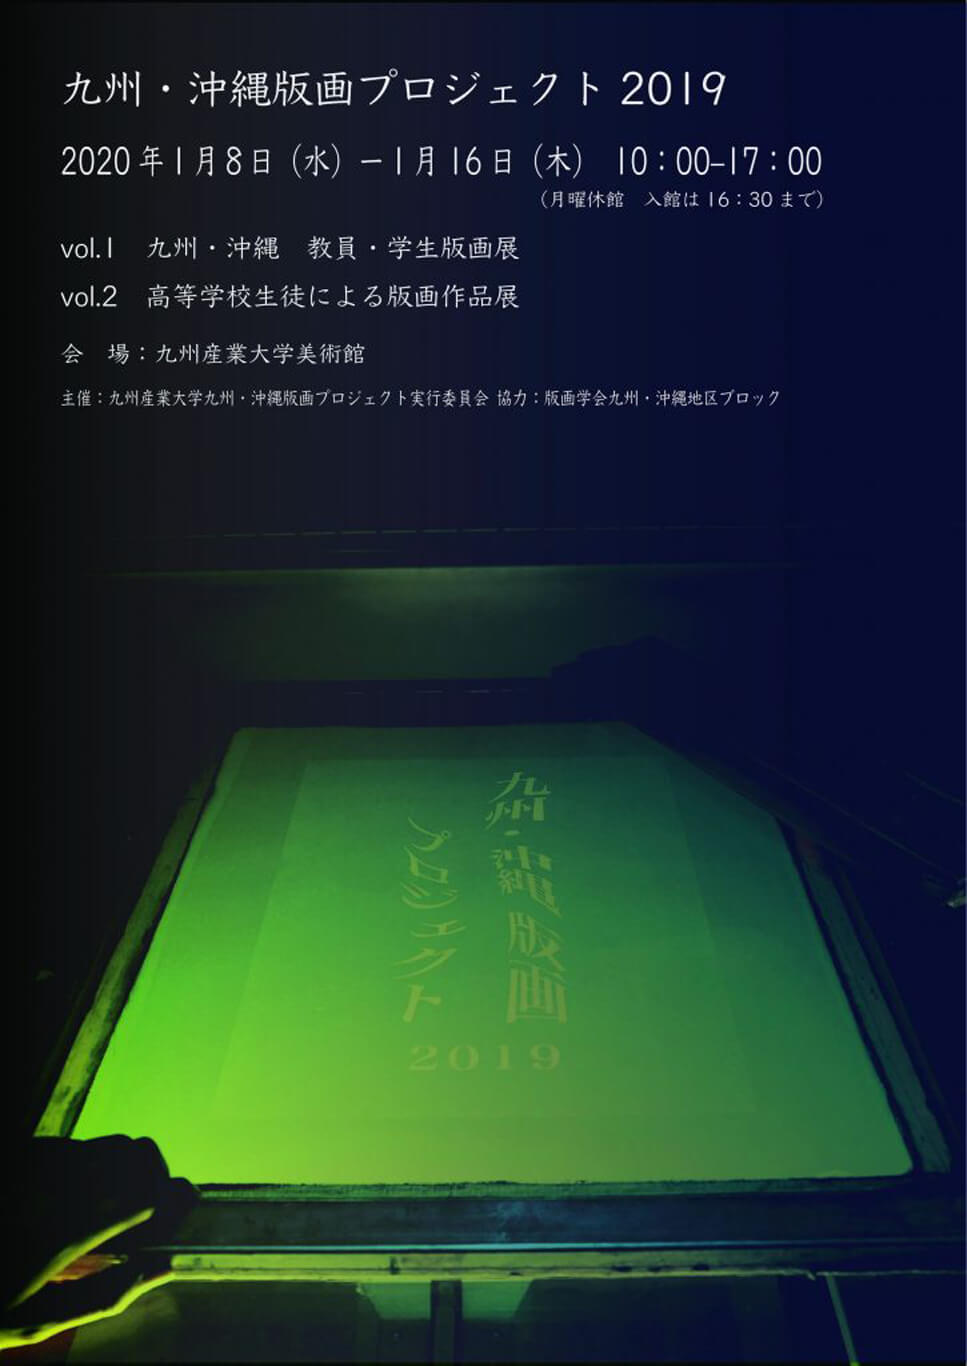 mksu-202001-九州・沖縄版画プロジェクト2019